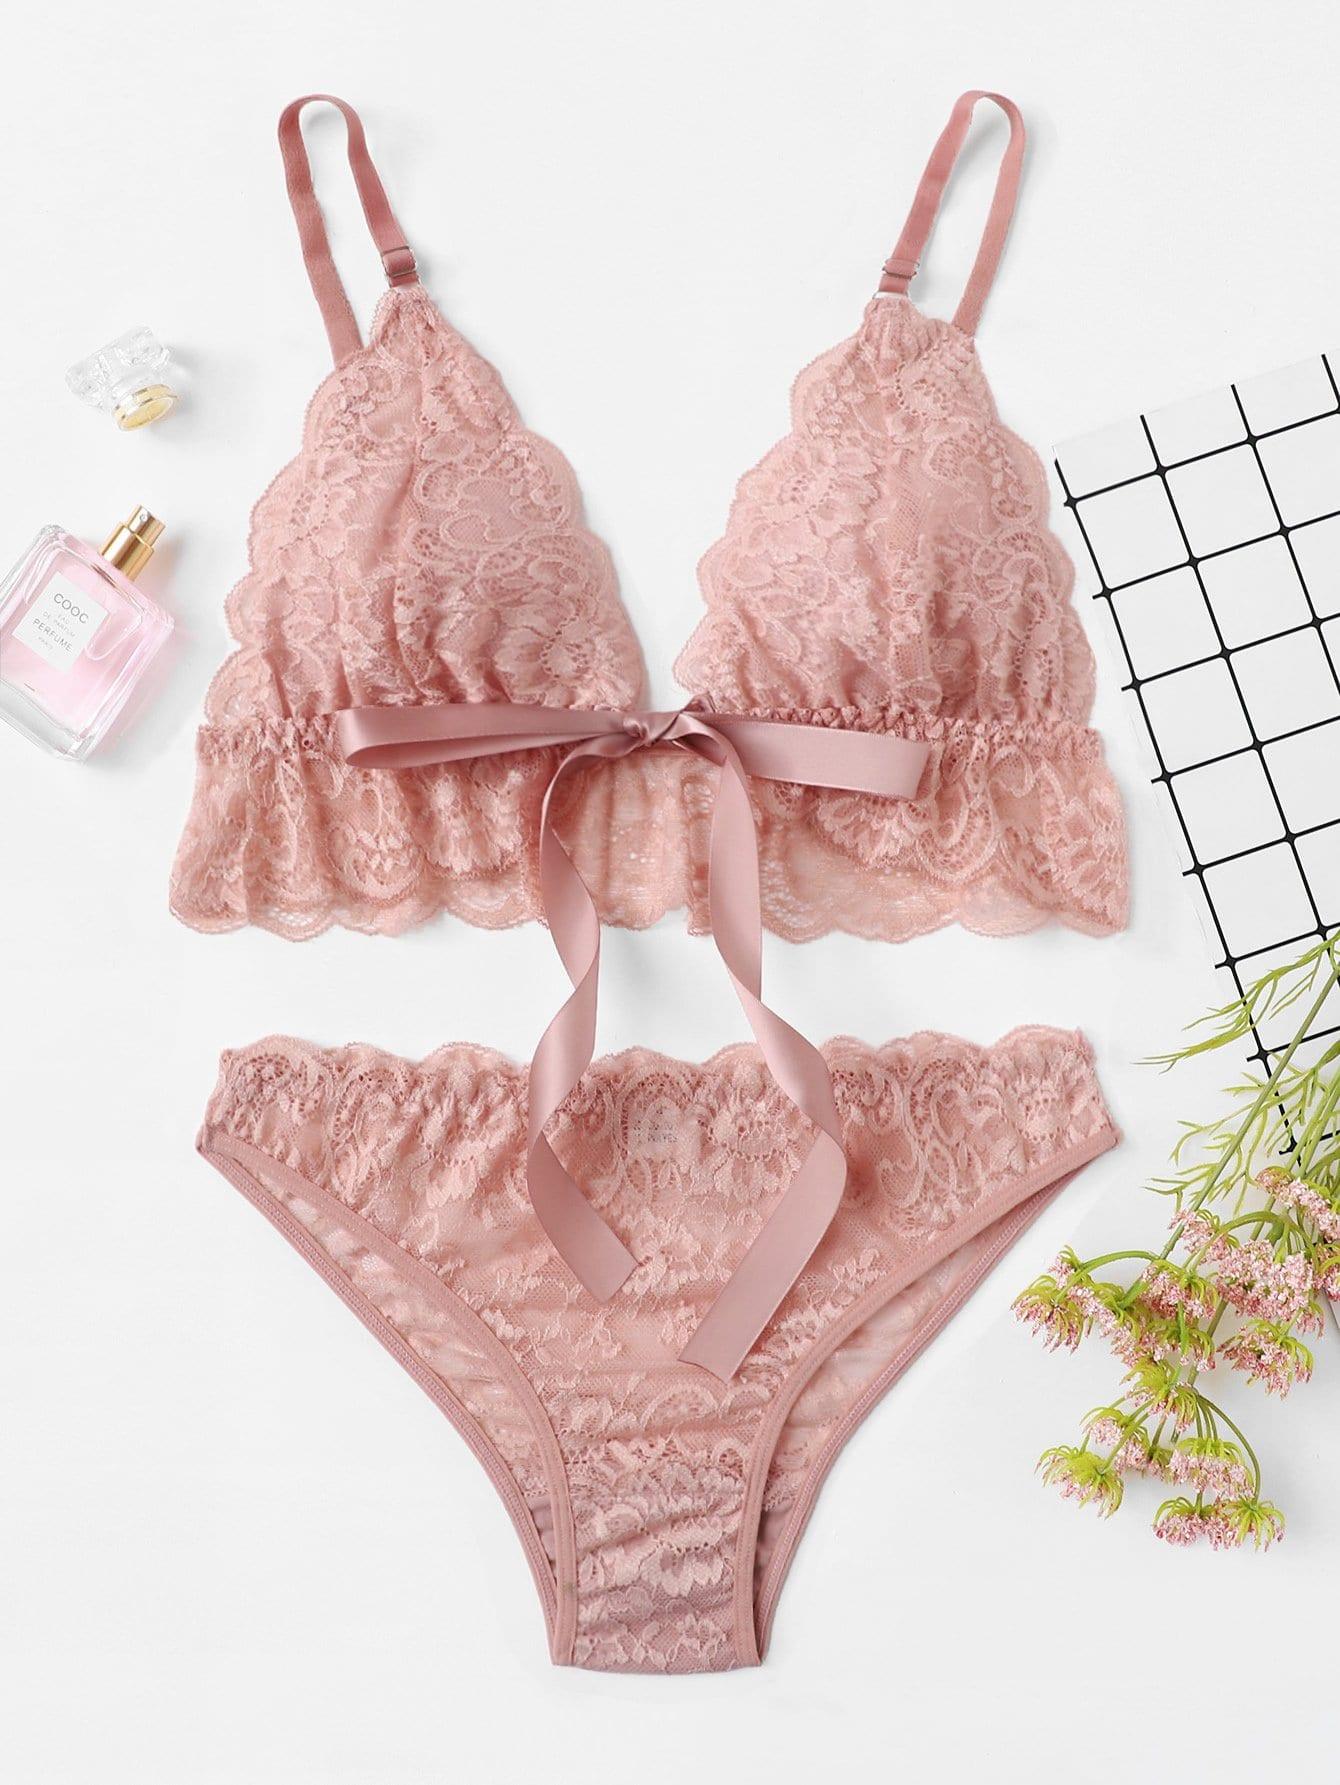 Scalloped Trim Lace Lingerie Set lace up detail scalloped trim lace lingerie set